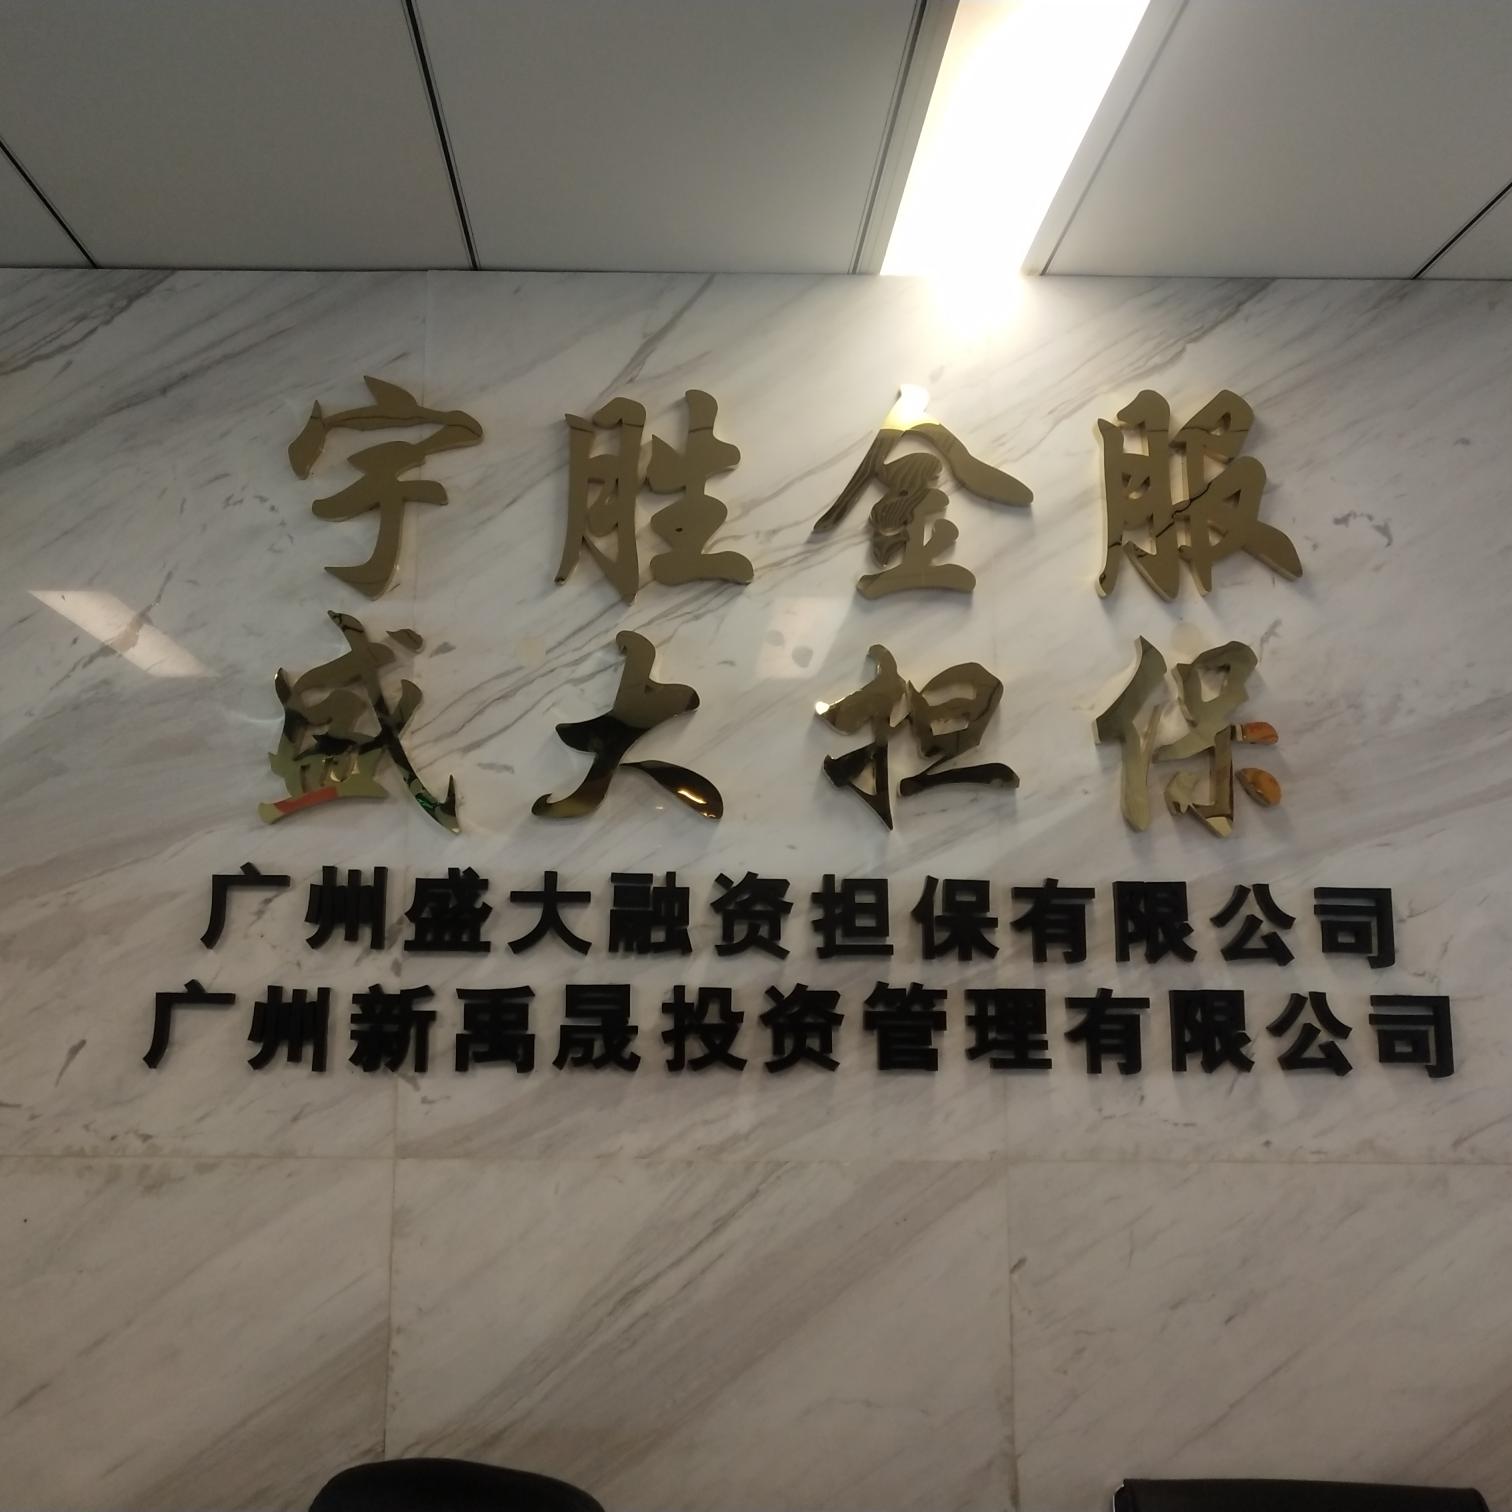 廣州新禹晟投資管理有限公司